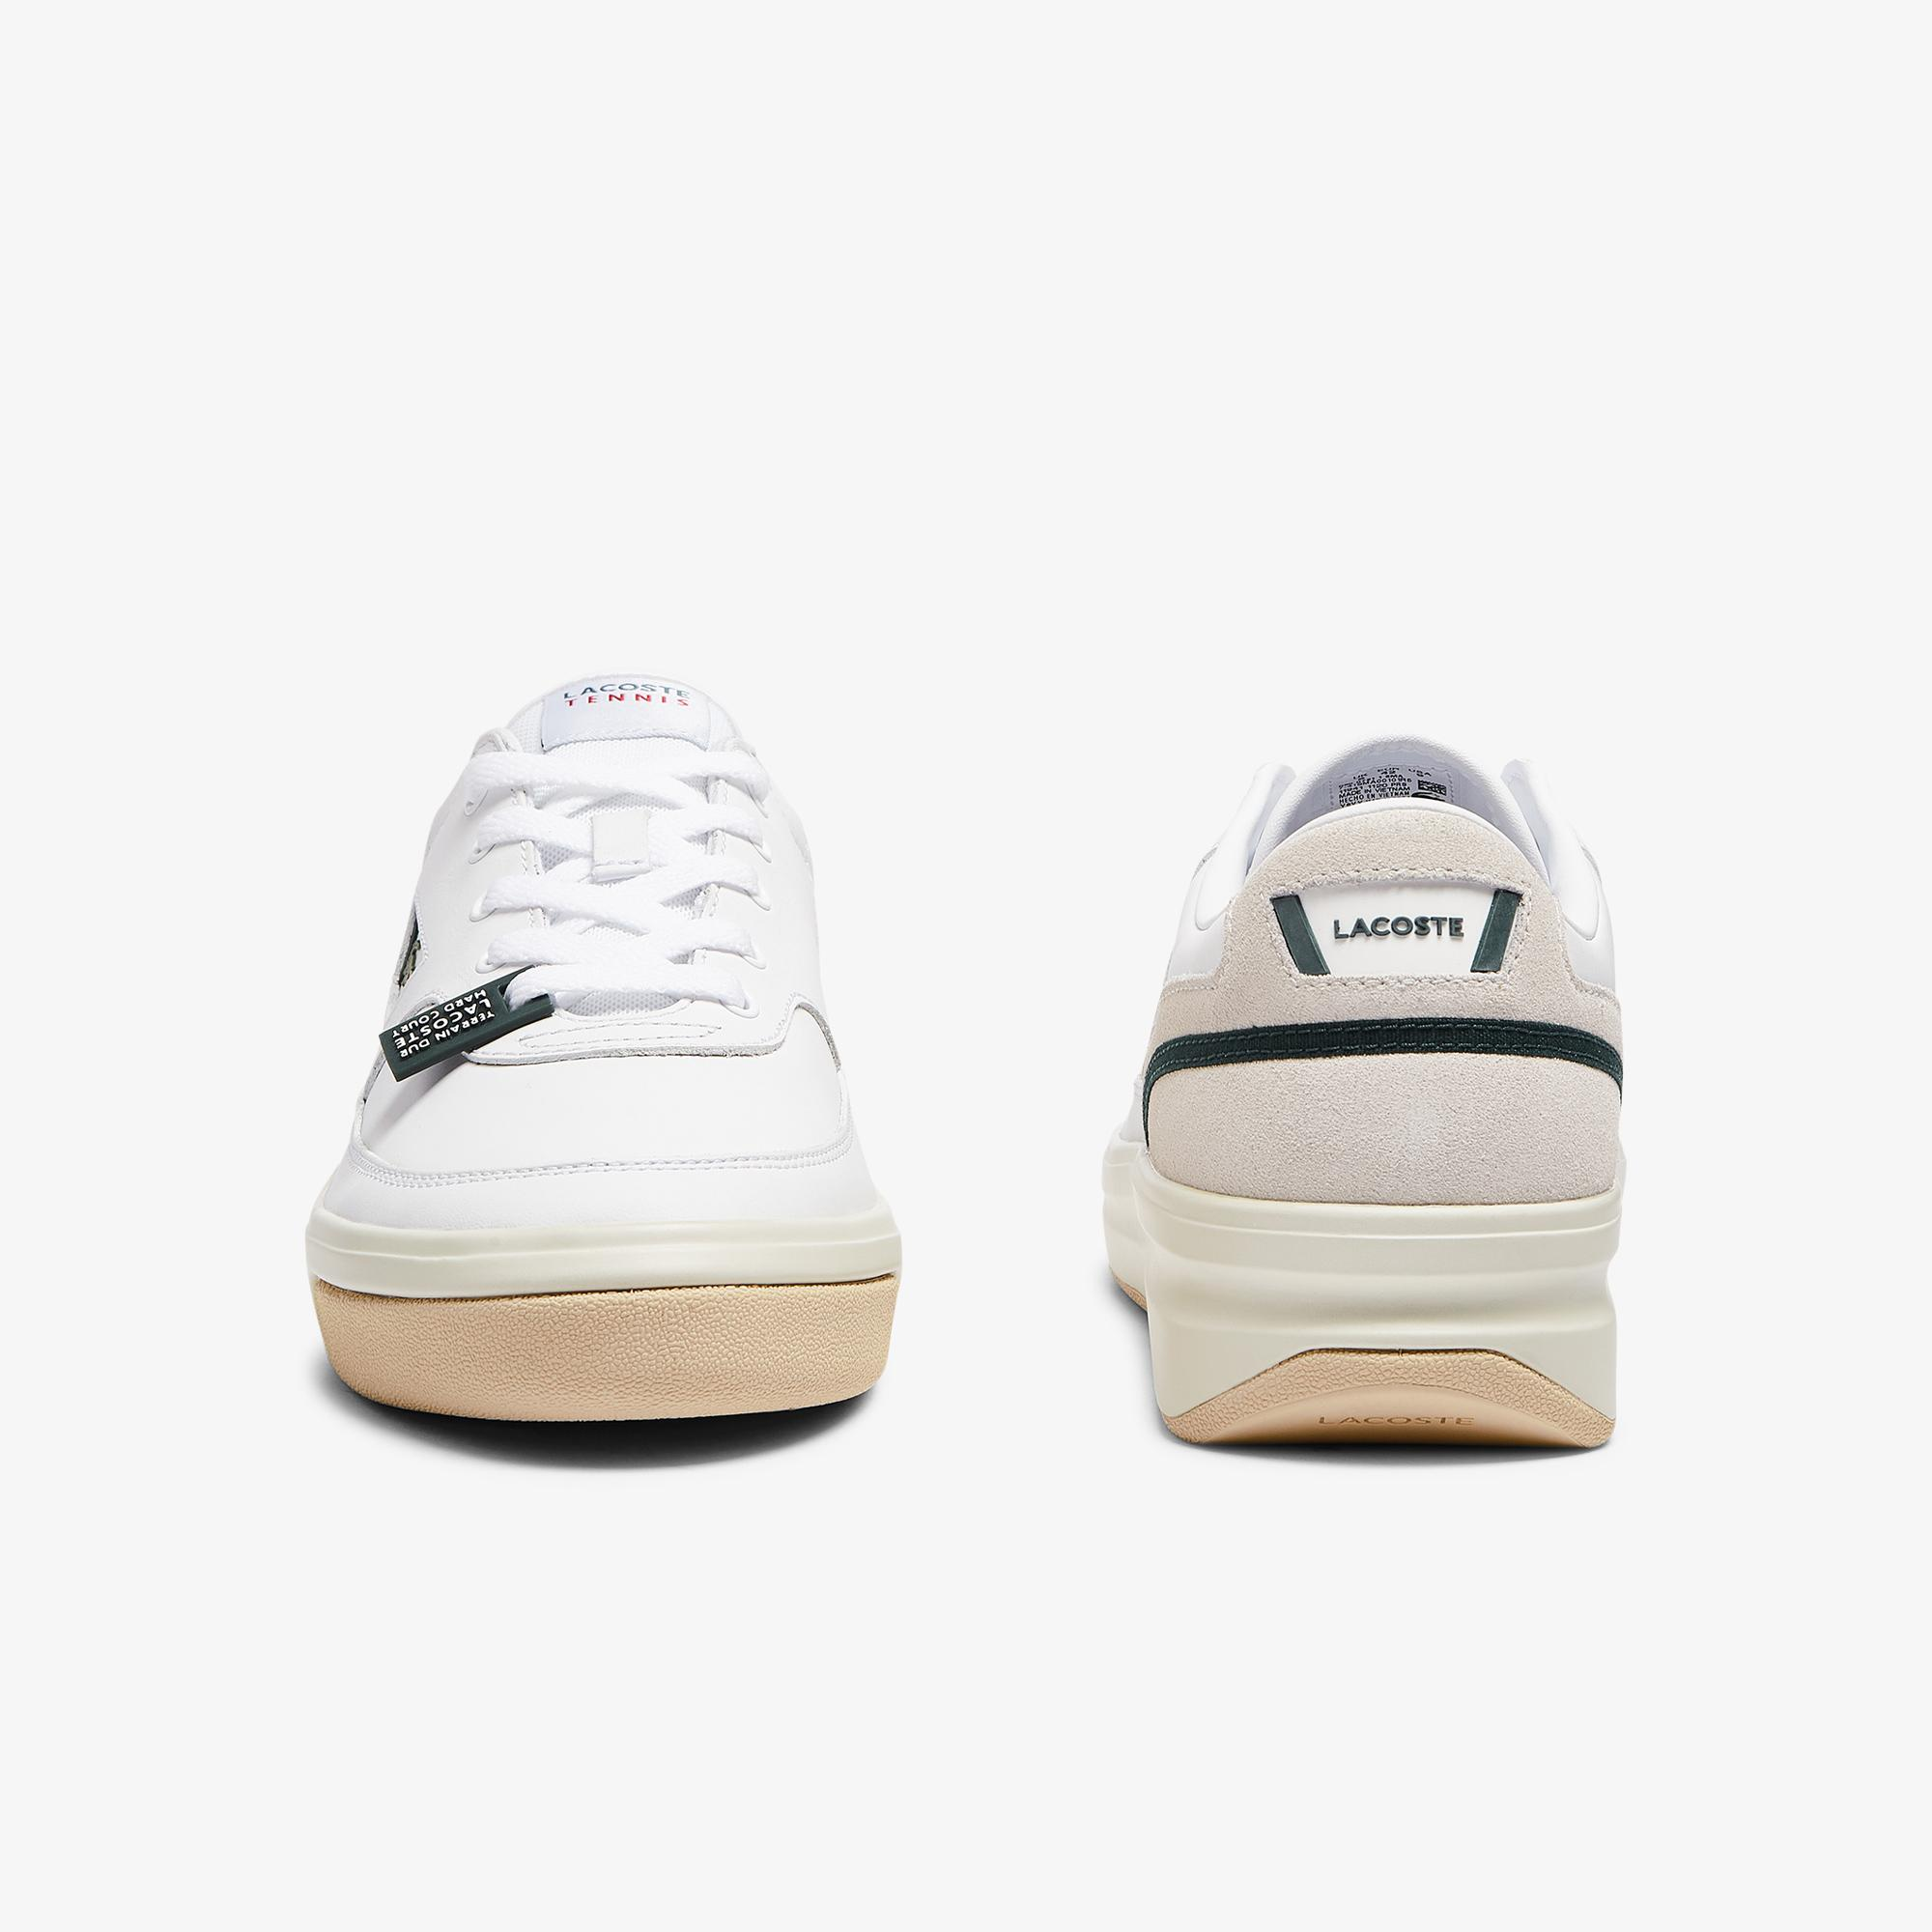 Lacoste G80 0721 1 Sma Erkek Beyaz - Koyu Yeşil Sneaker